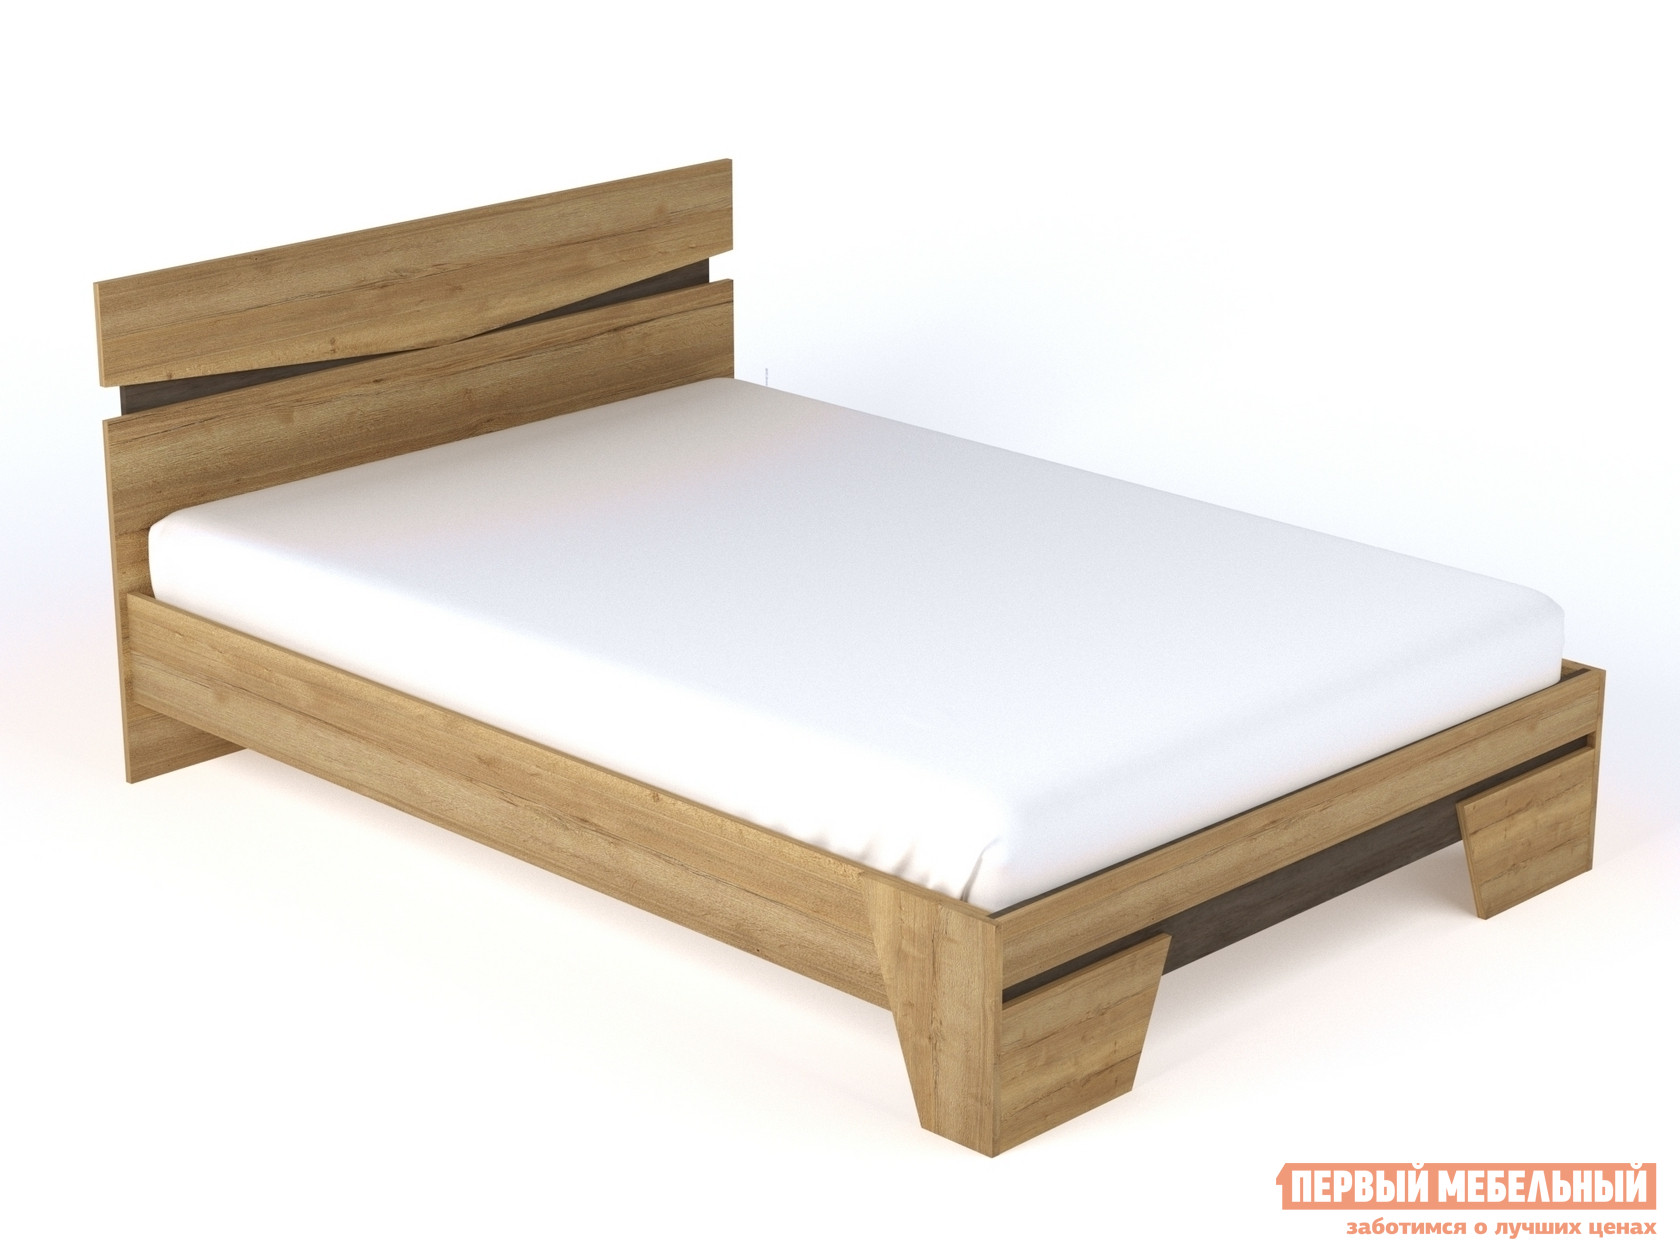 Двуспальная кровать Первый Мебельный Стреза 2 ящик первый мебельный ящик для кровати стреза new